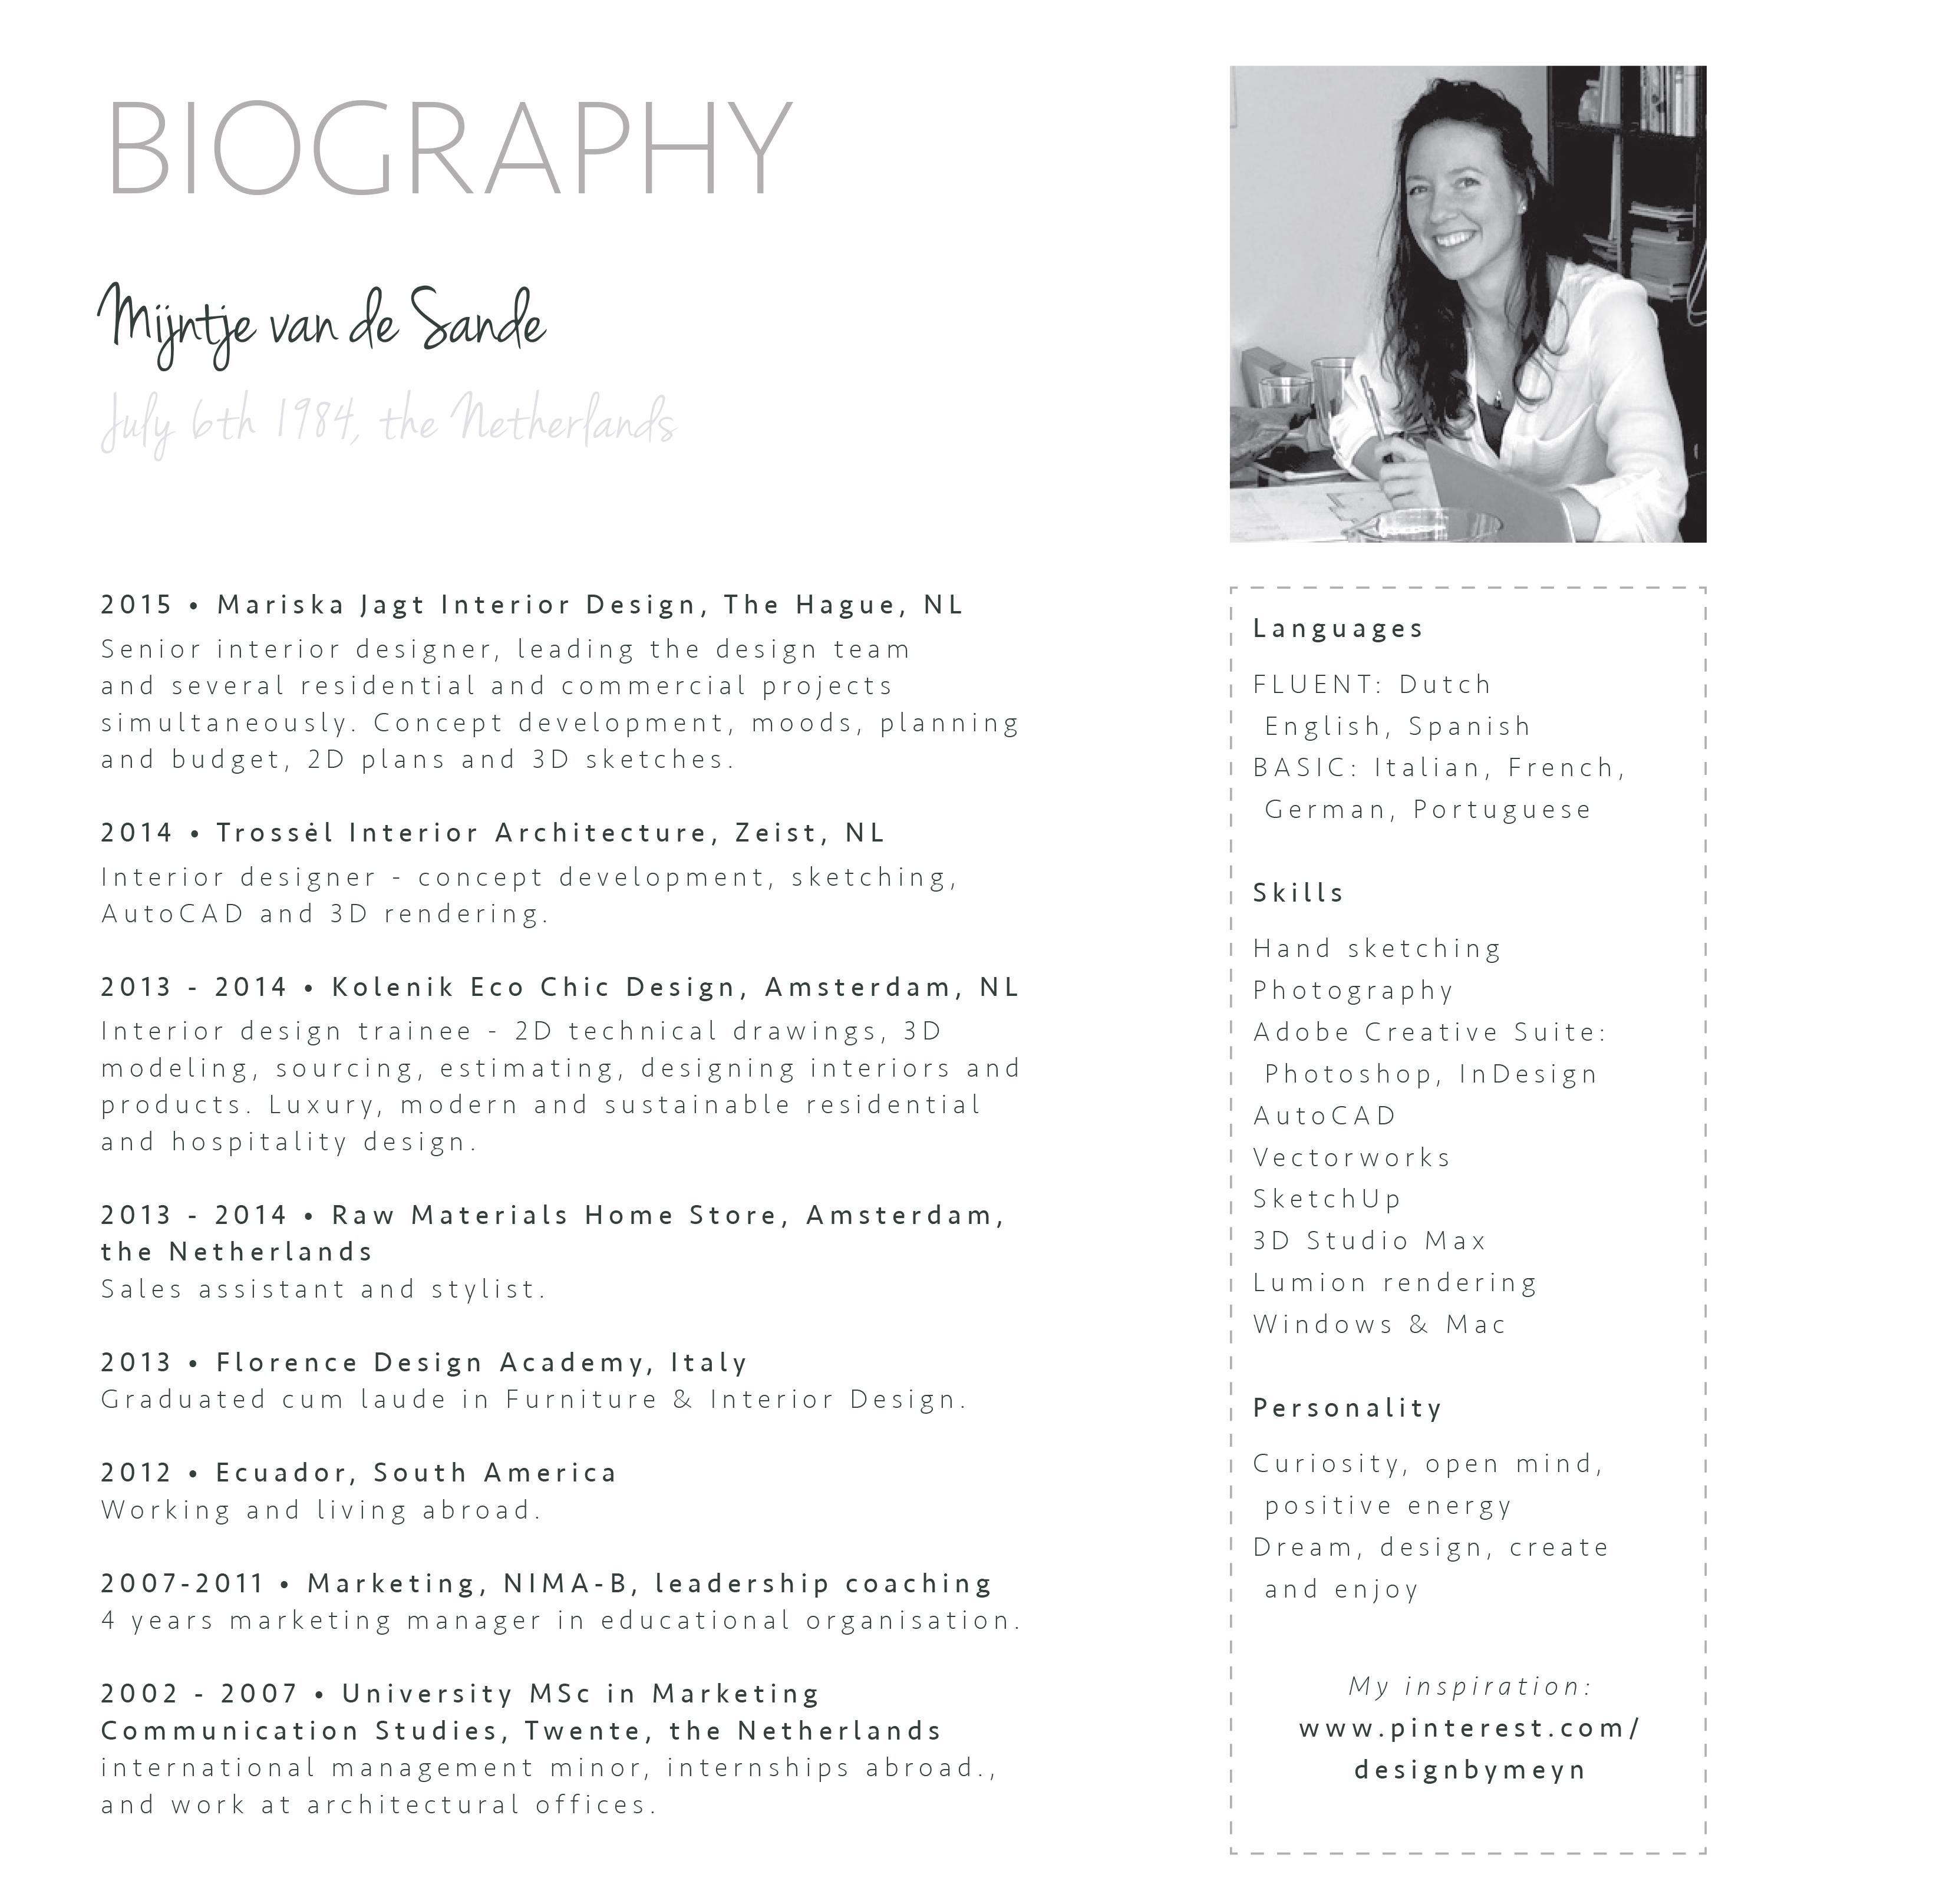 Mijntje Van De Sande Biography Design By Meyn